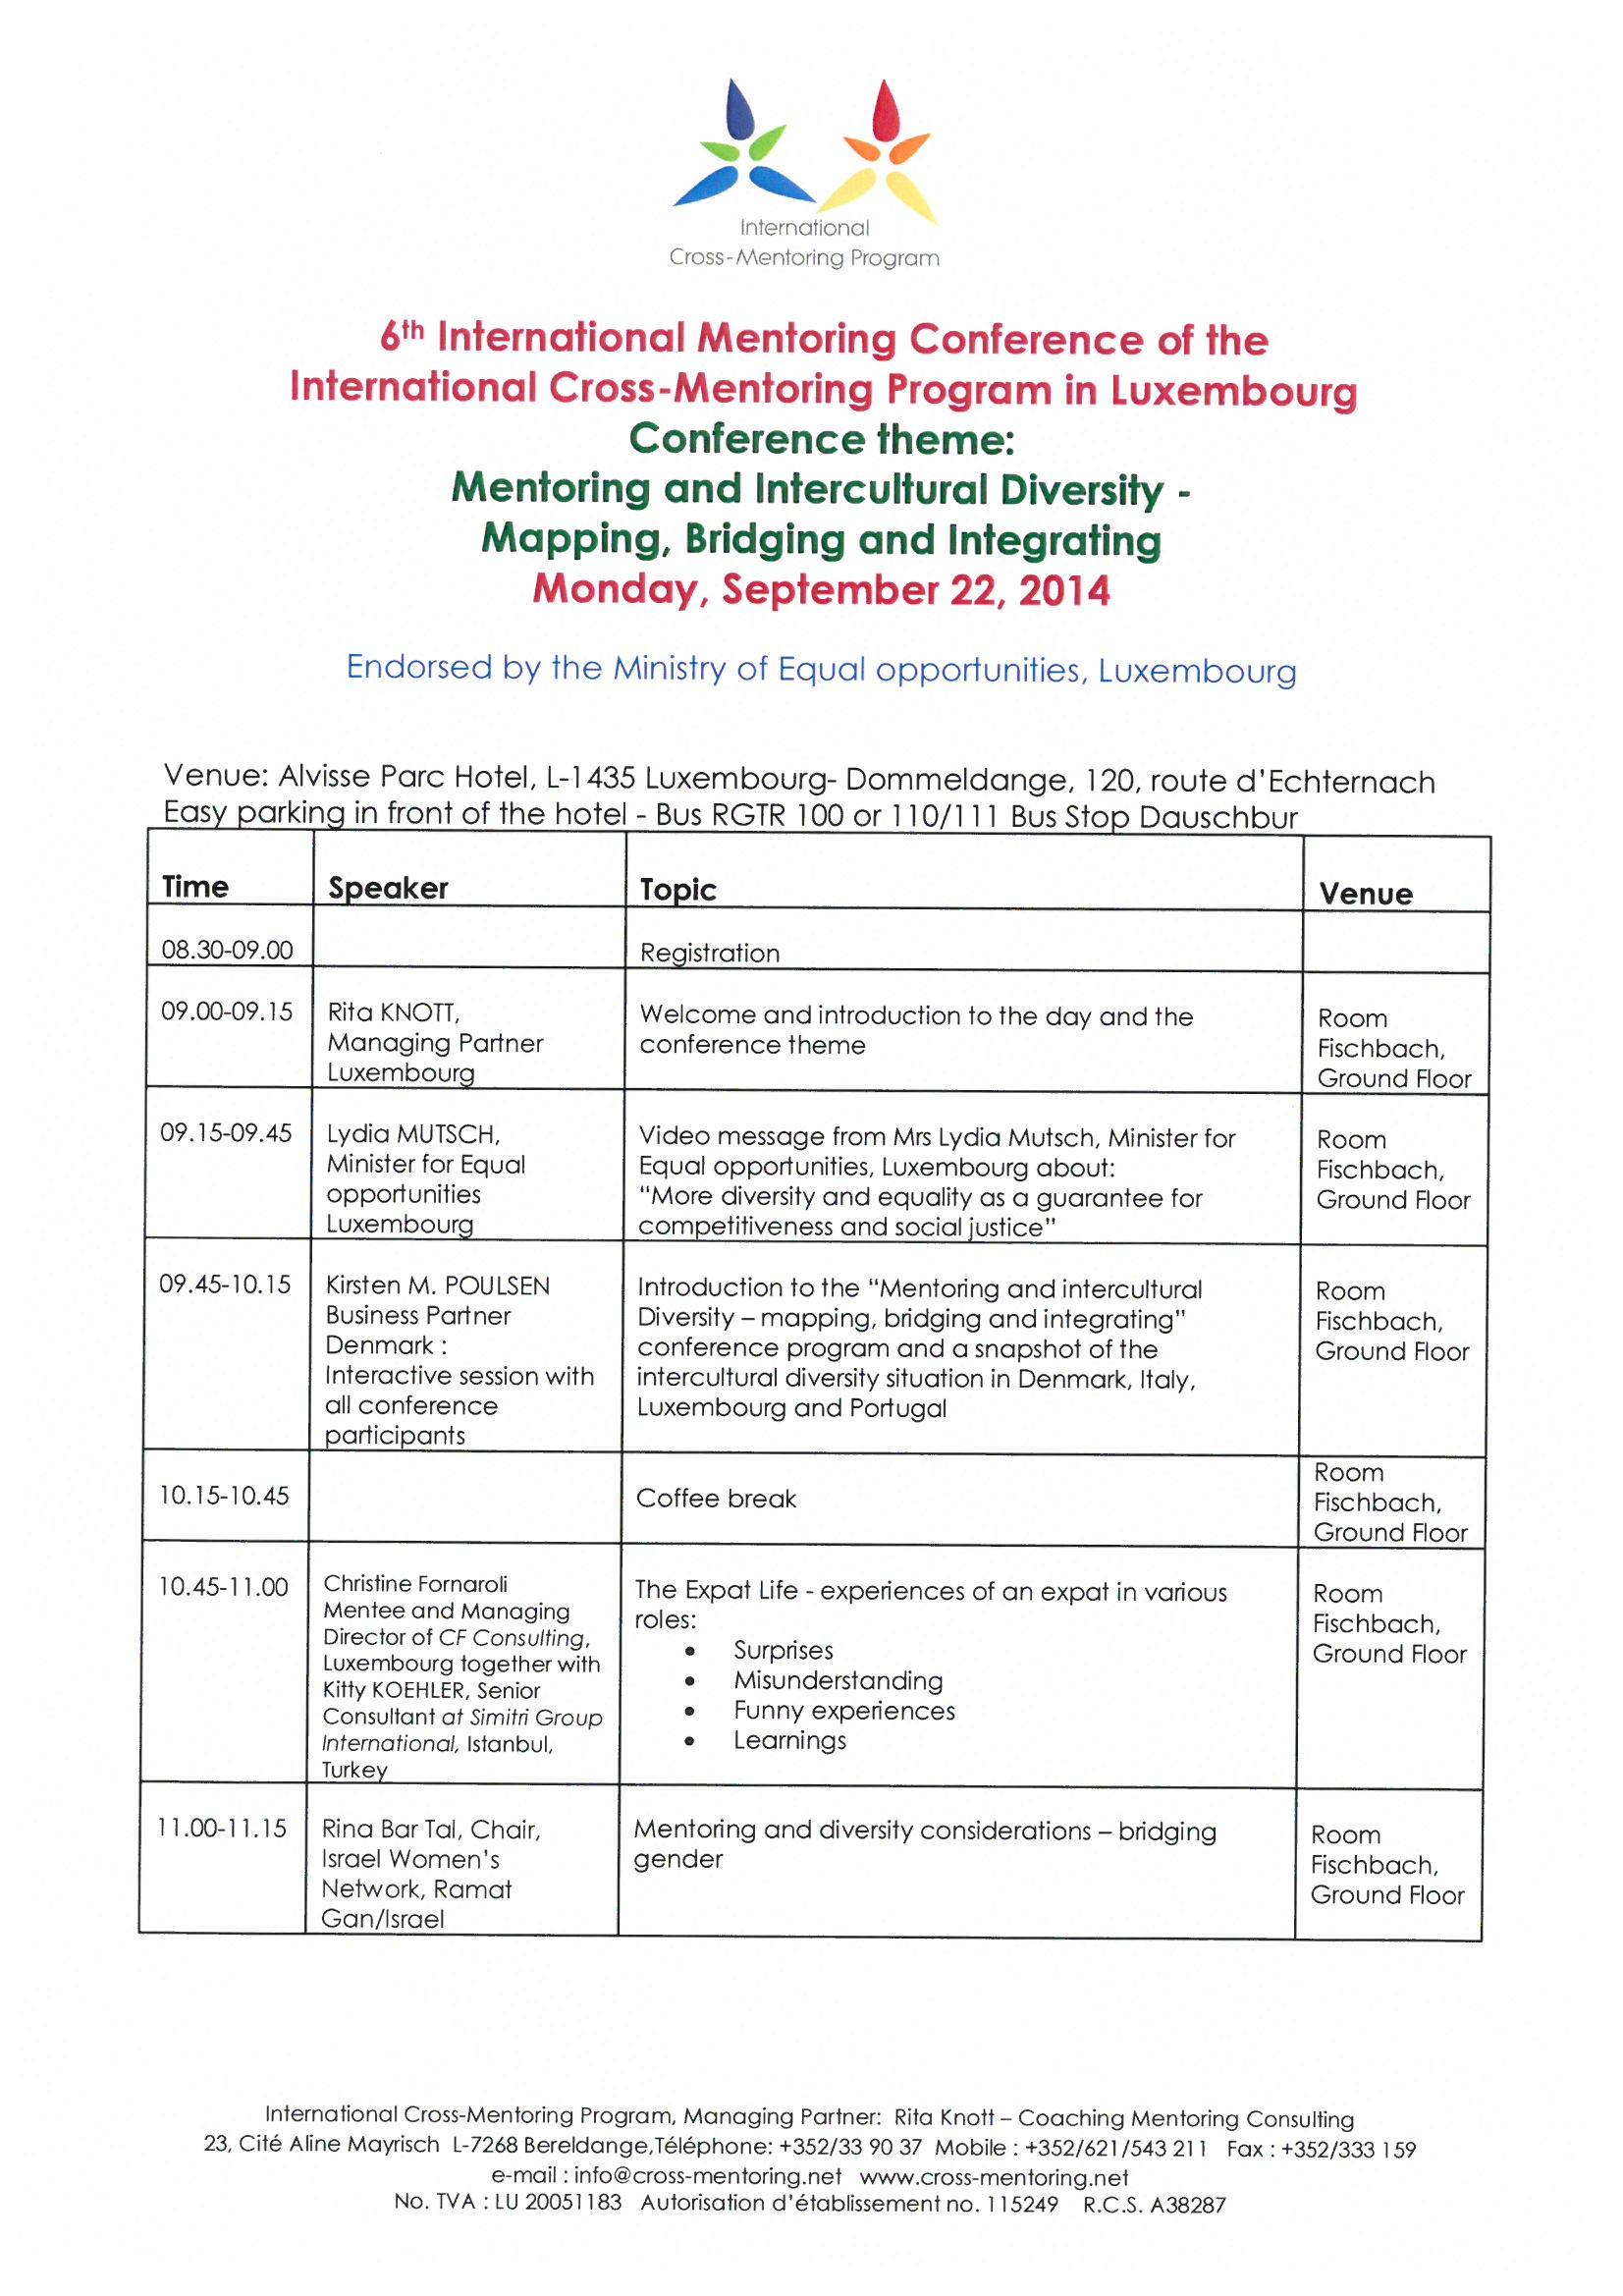 Internationa mentoring